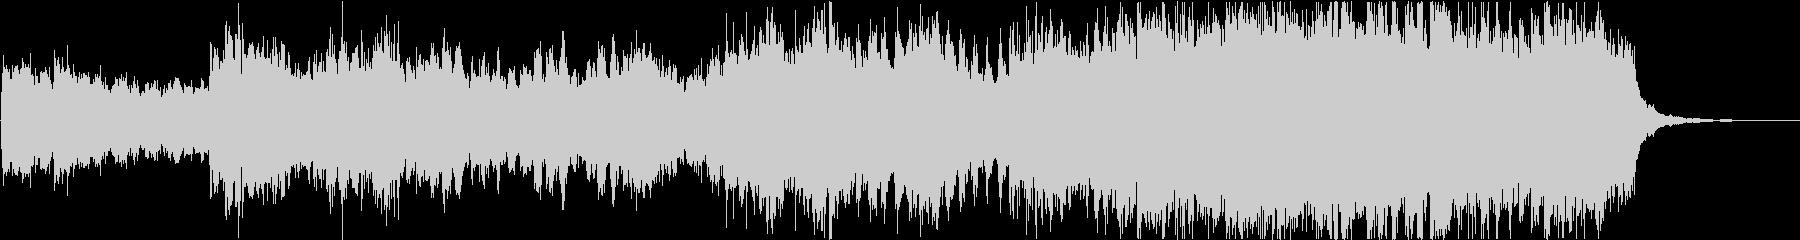 暗いトレイラー的な映像等に最適なBGMの未再生の波形